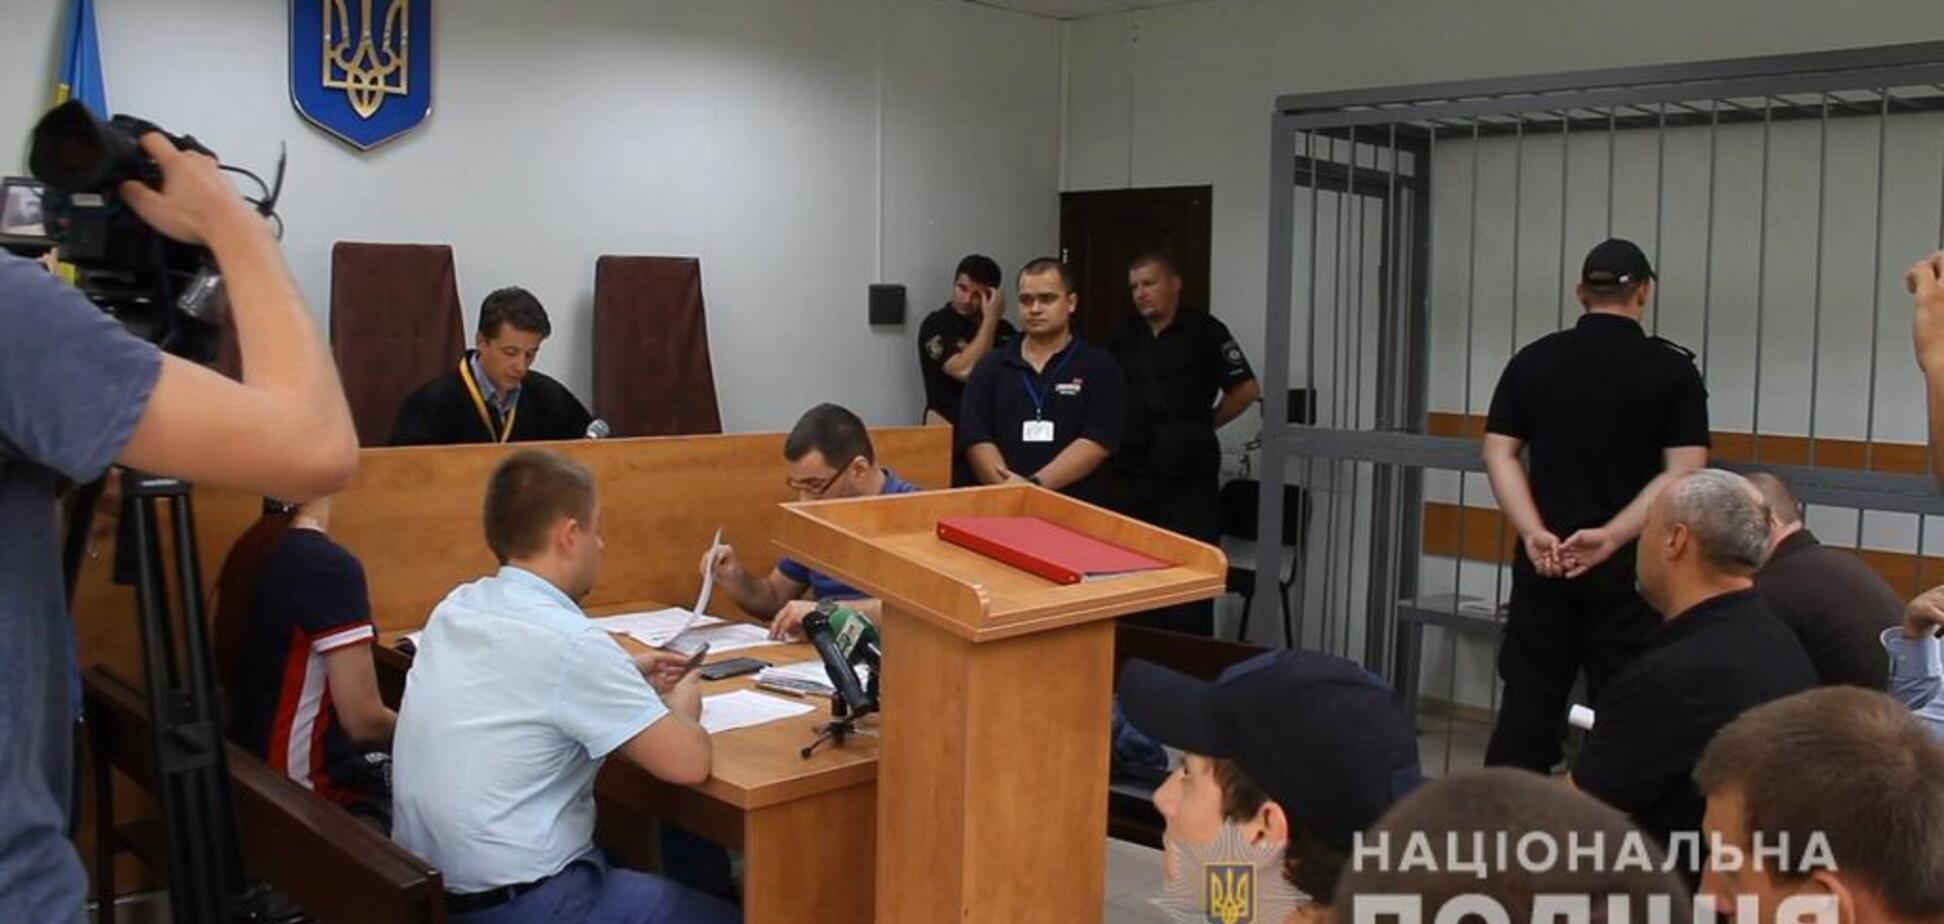 Кровавая бойня под Харьковом: арестованы 15 подозреваемых